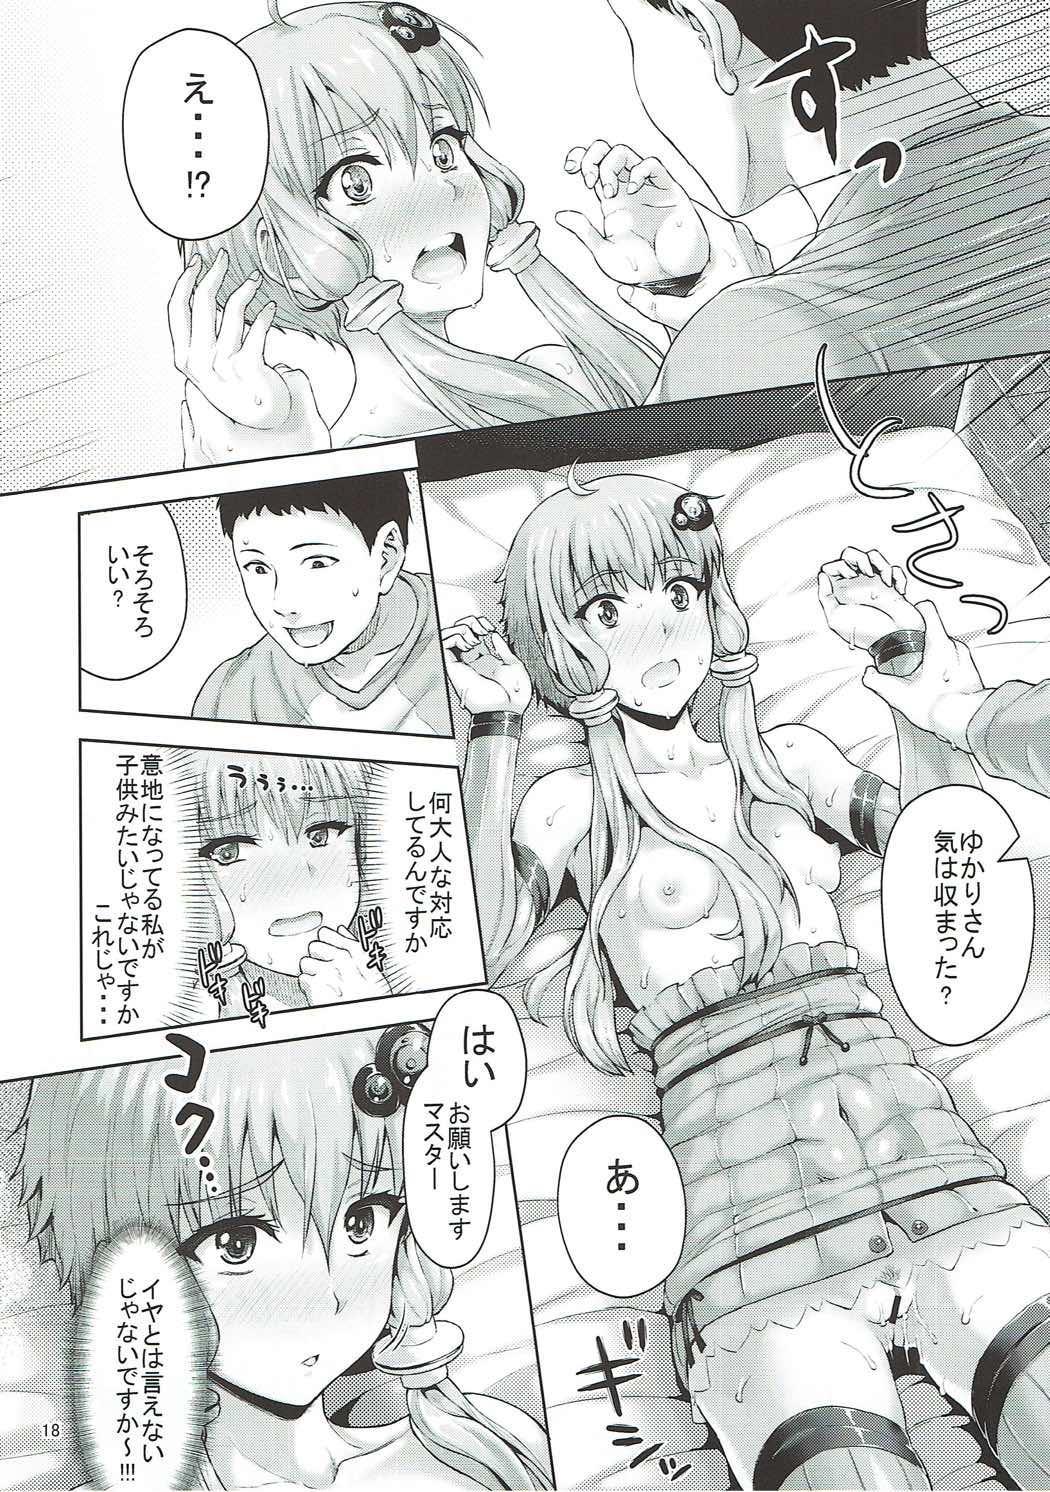 Yukari-san wa Zenzen Erokunai desu kara!!! 16